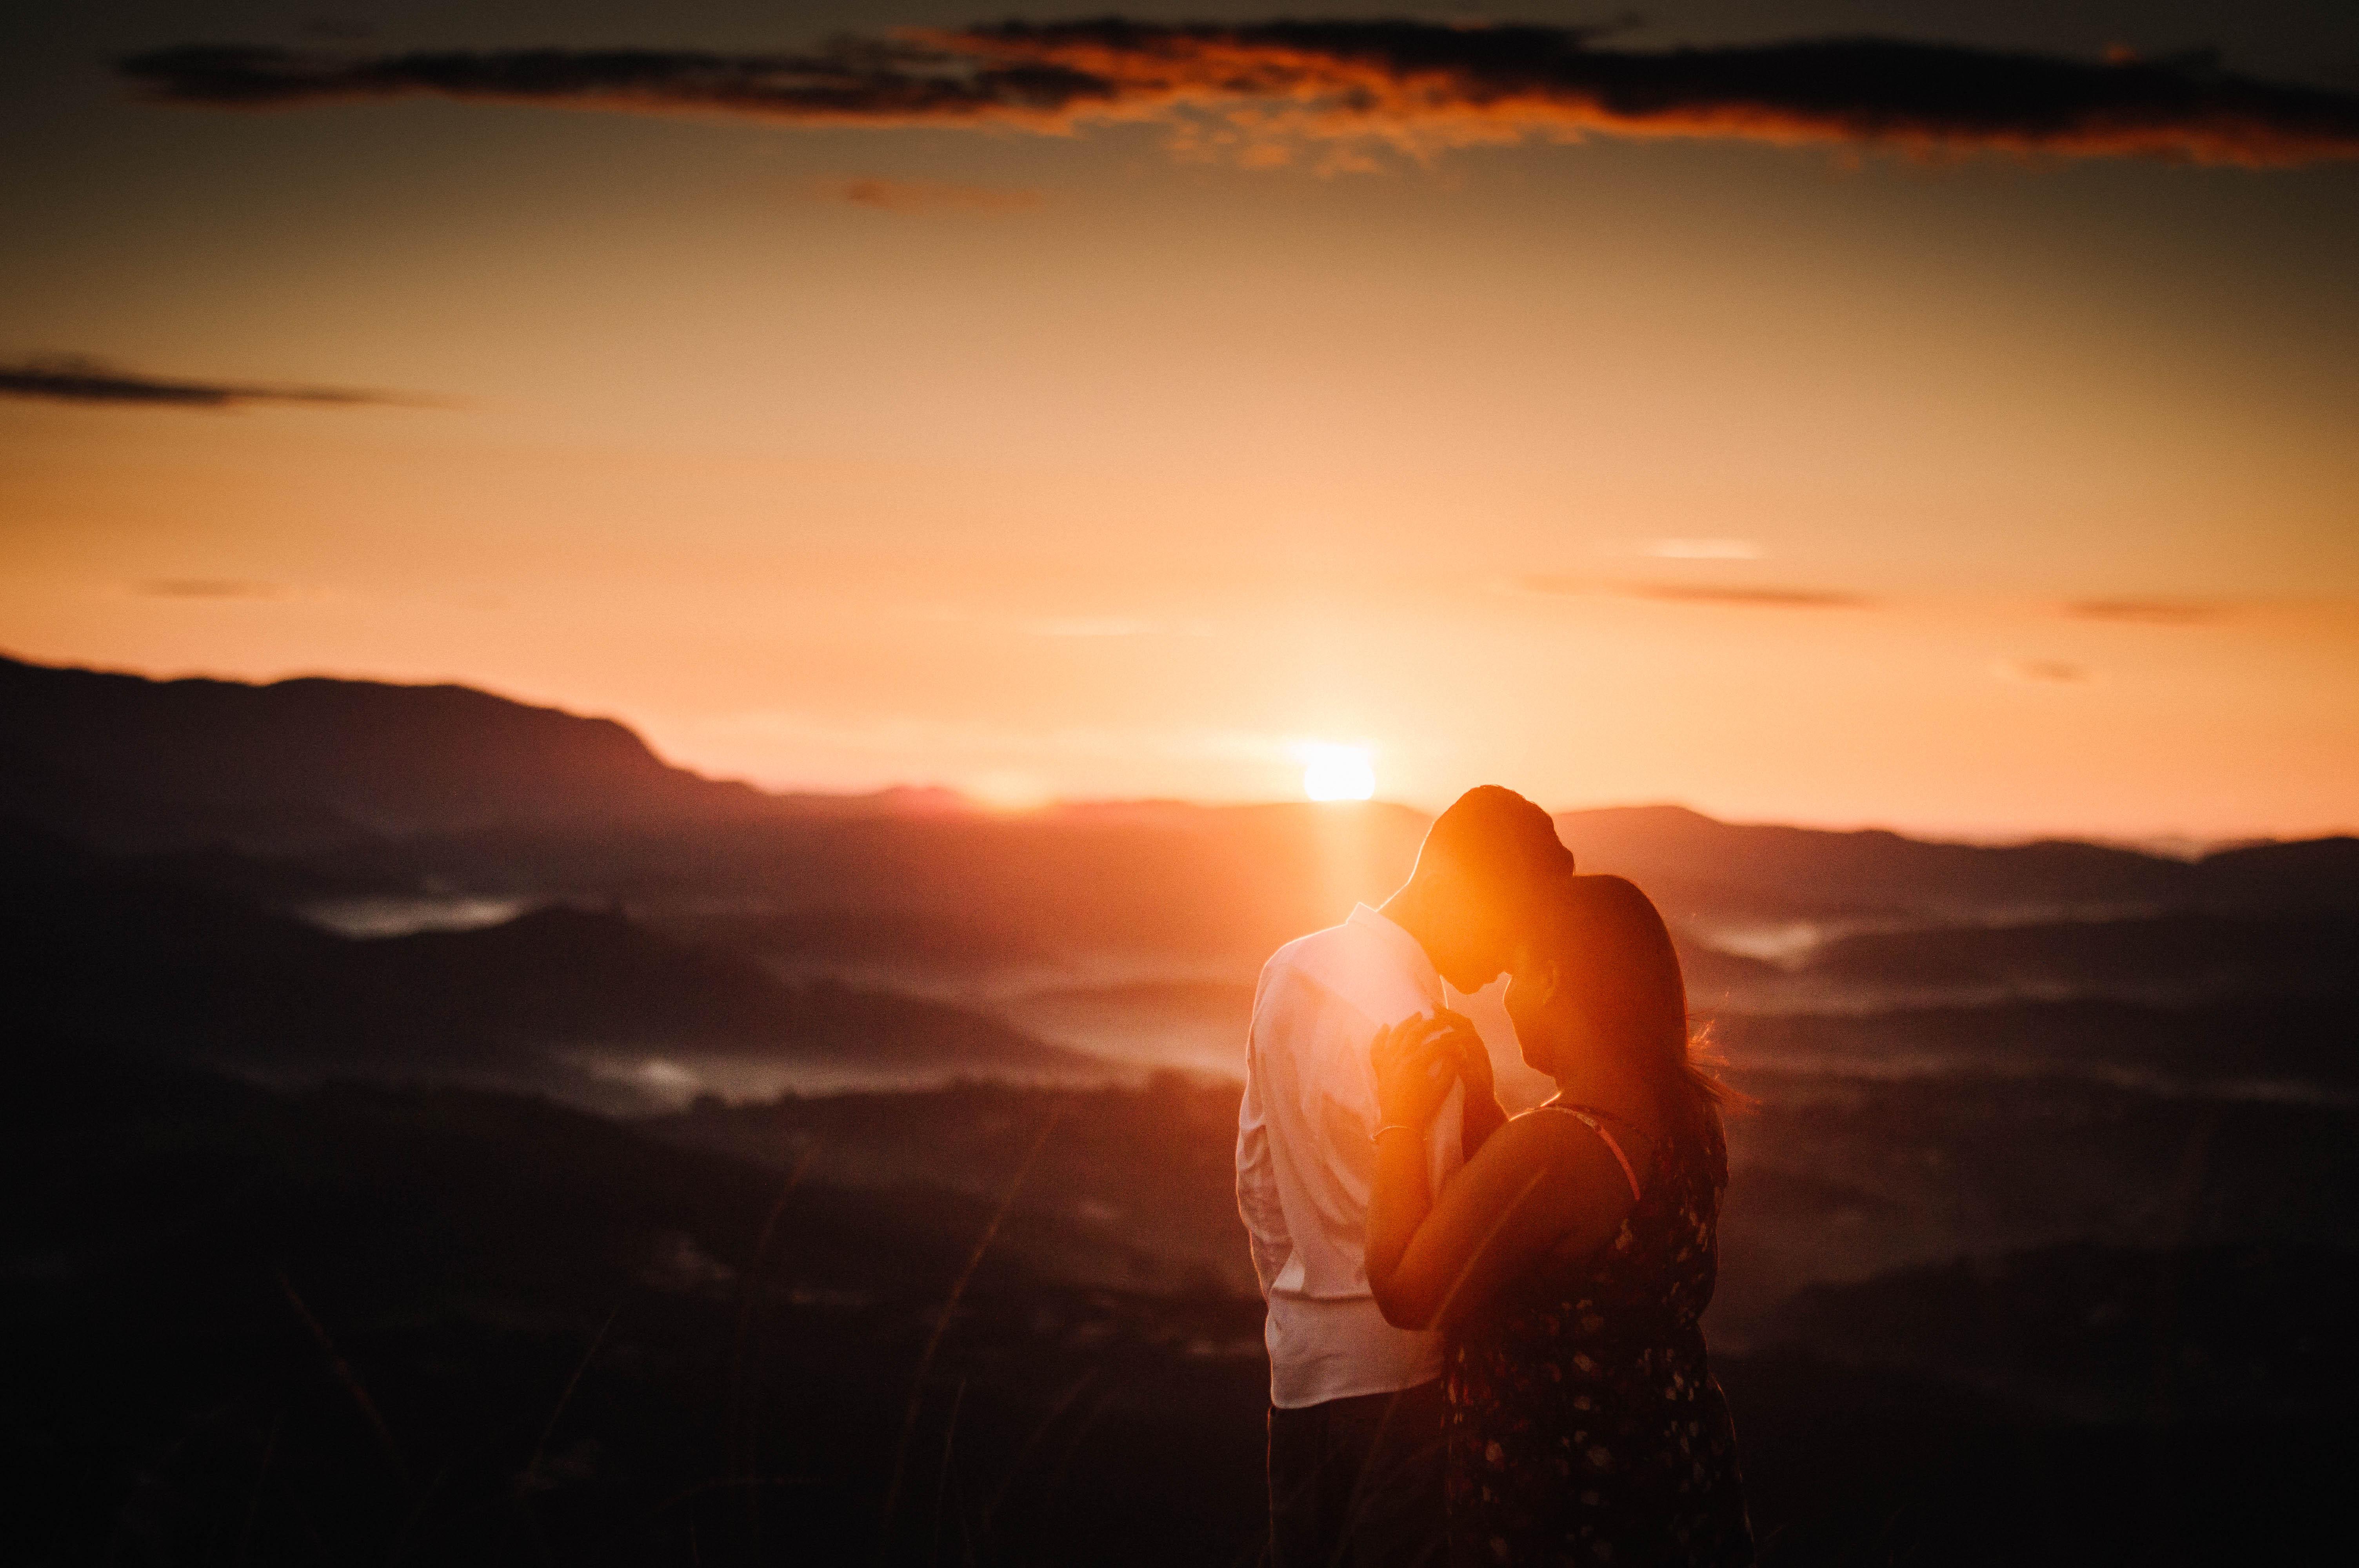 Contate Fotógrafo documental de Casamento, Ensaios e Famílias em São Paulo - SP